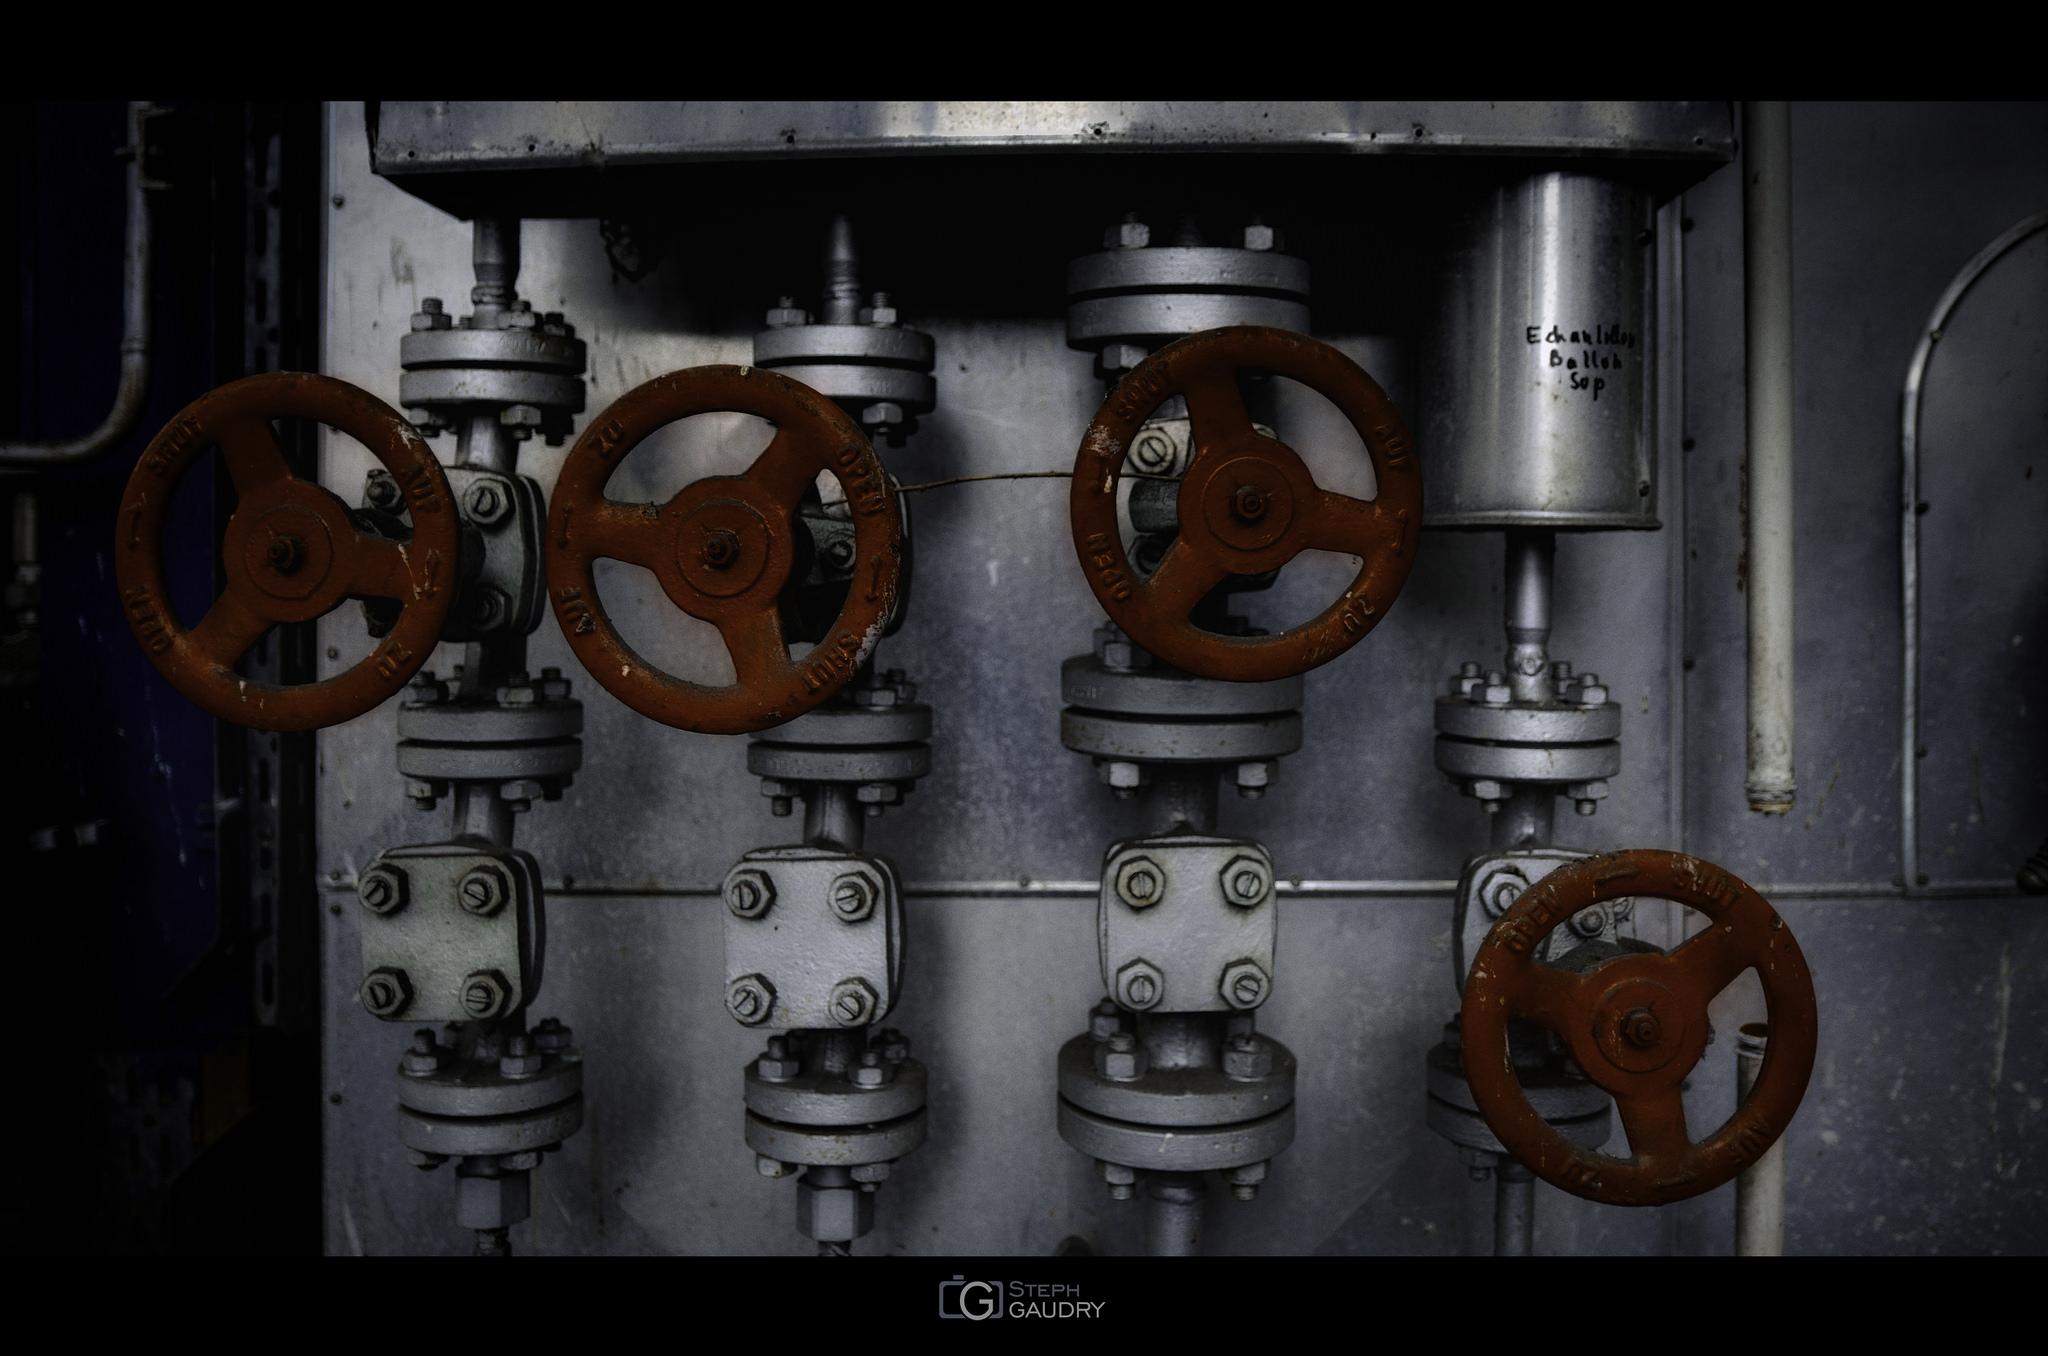 4 Red valves [Click to start slideshow]